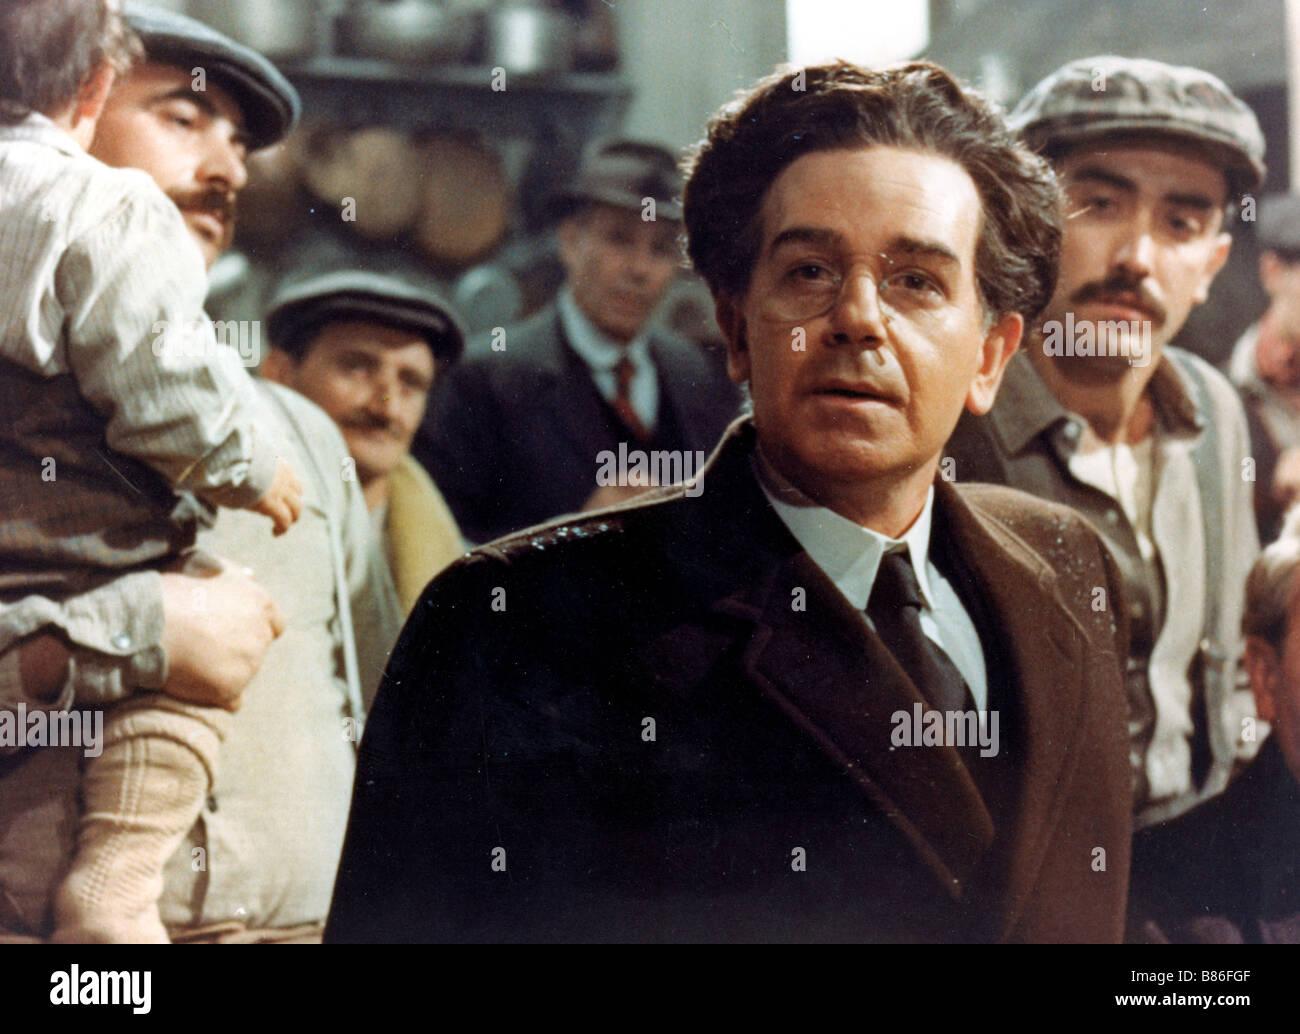 L'affaire Matteotti Delitto Matteotti, Il Année : 1973 - Italy Riccardo  Cucciola Director : Florestano Vancini Stock Photo - Alamy